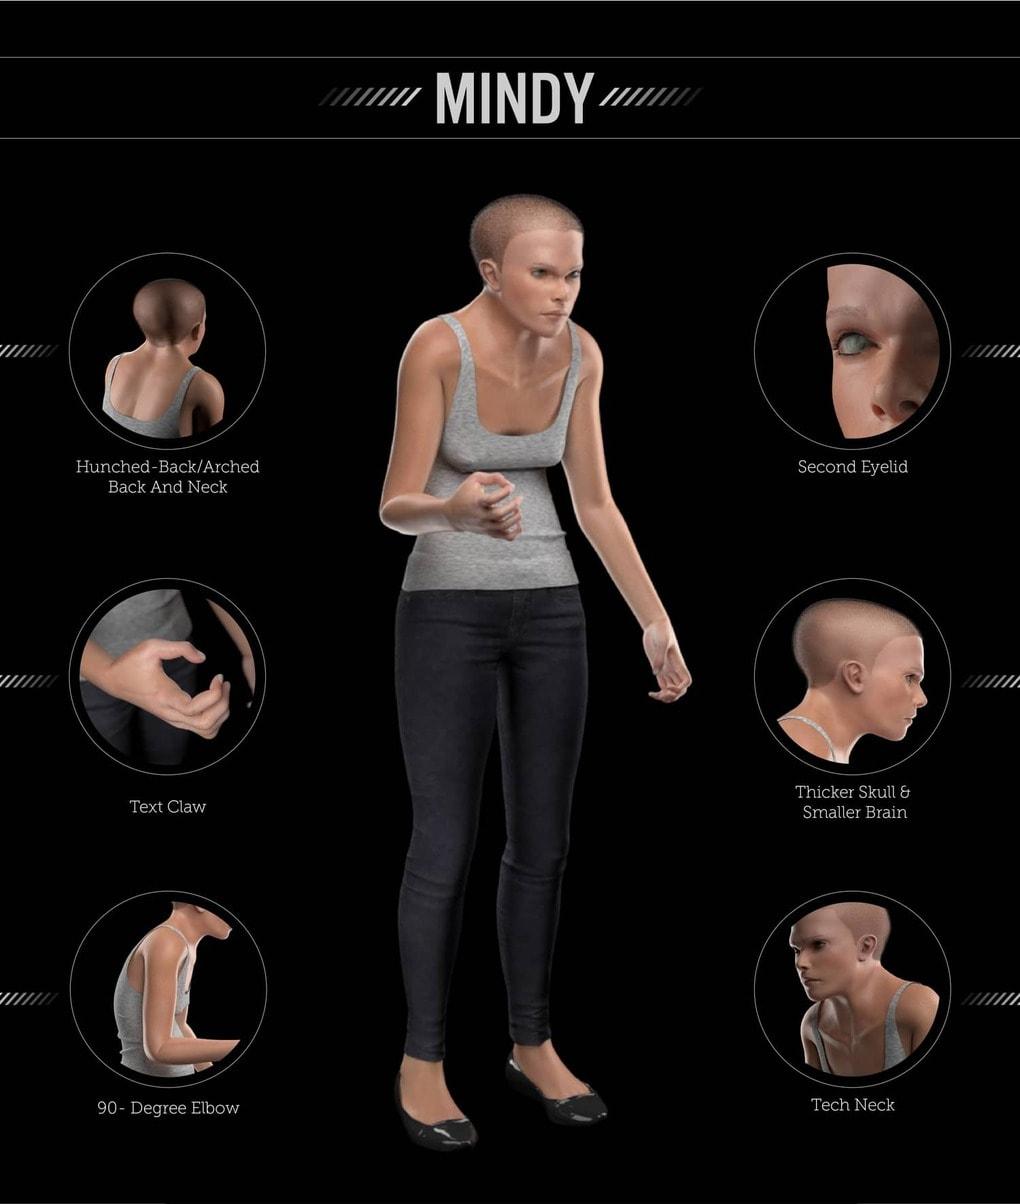 mindy detailed image - Учёные показали, как может выглядеть человек в 2100 году. Зрелище неутешительное